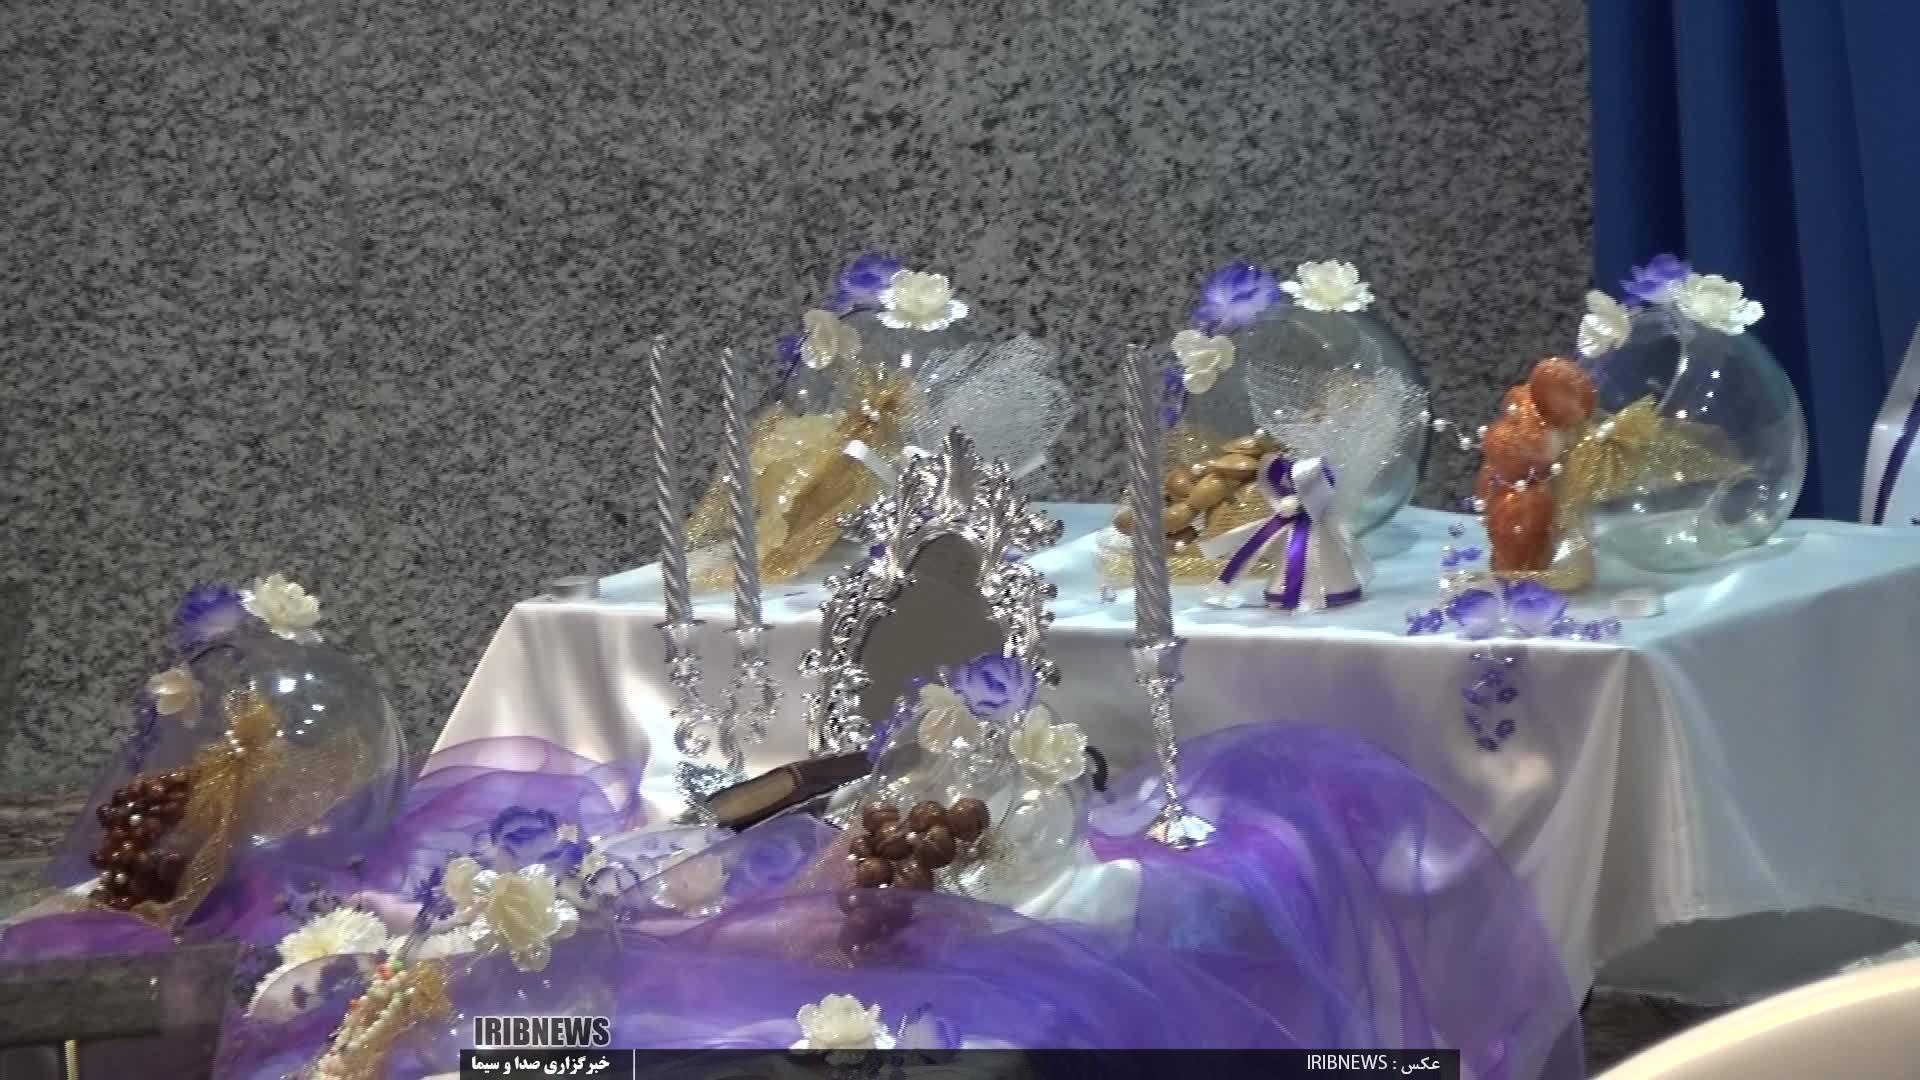 جشن ازدواج ۷۹ زوج طلبه و روحانی استان همزمان با میلاد امام حسن عسکری (ع)